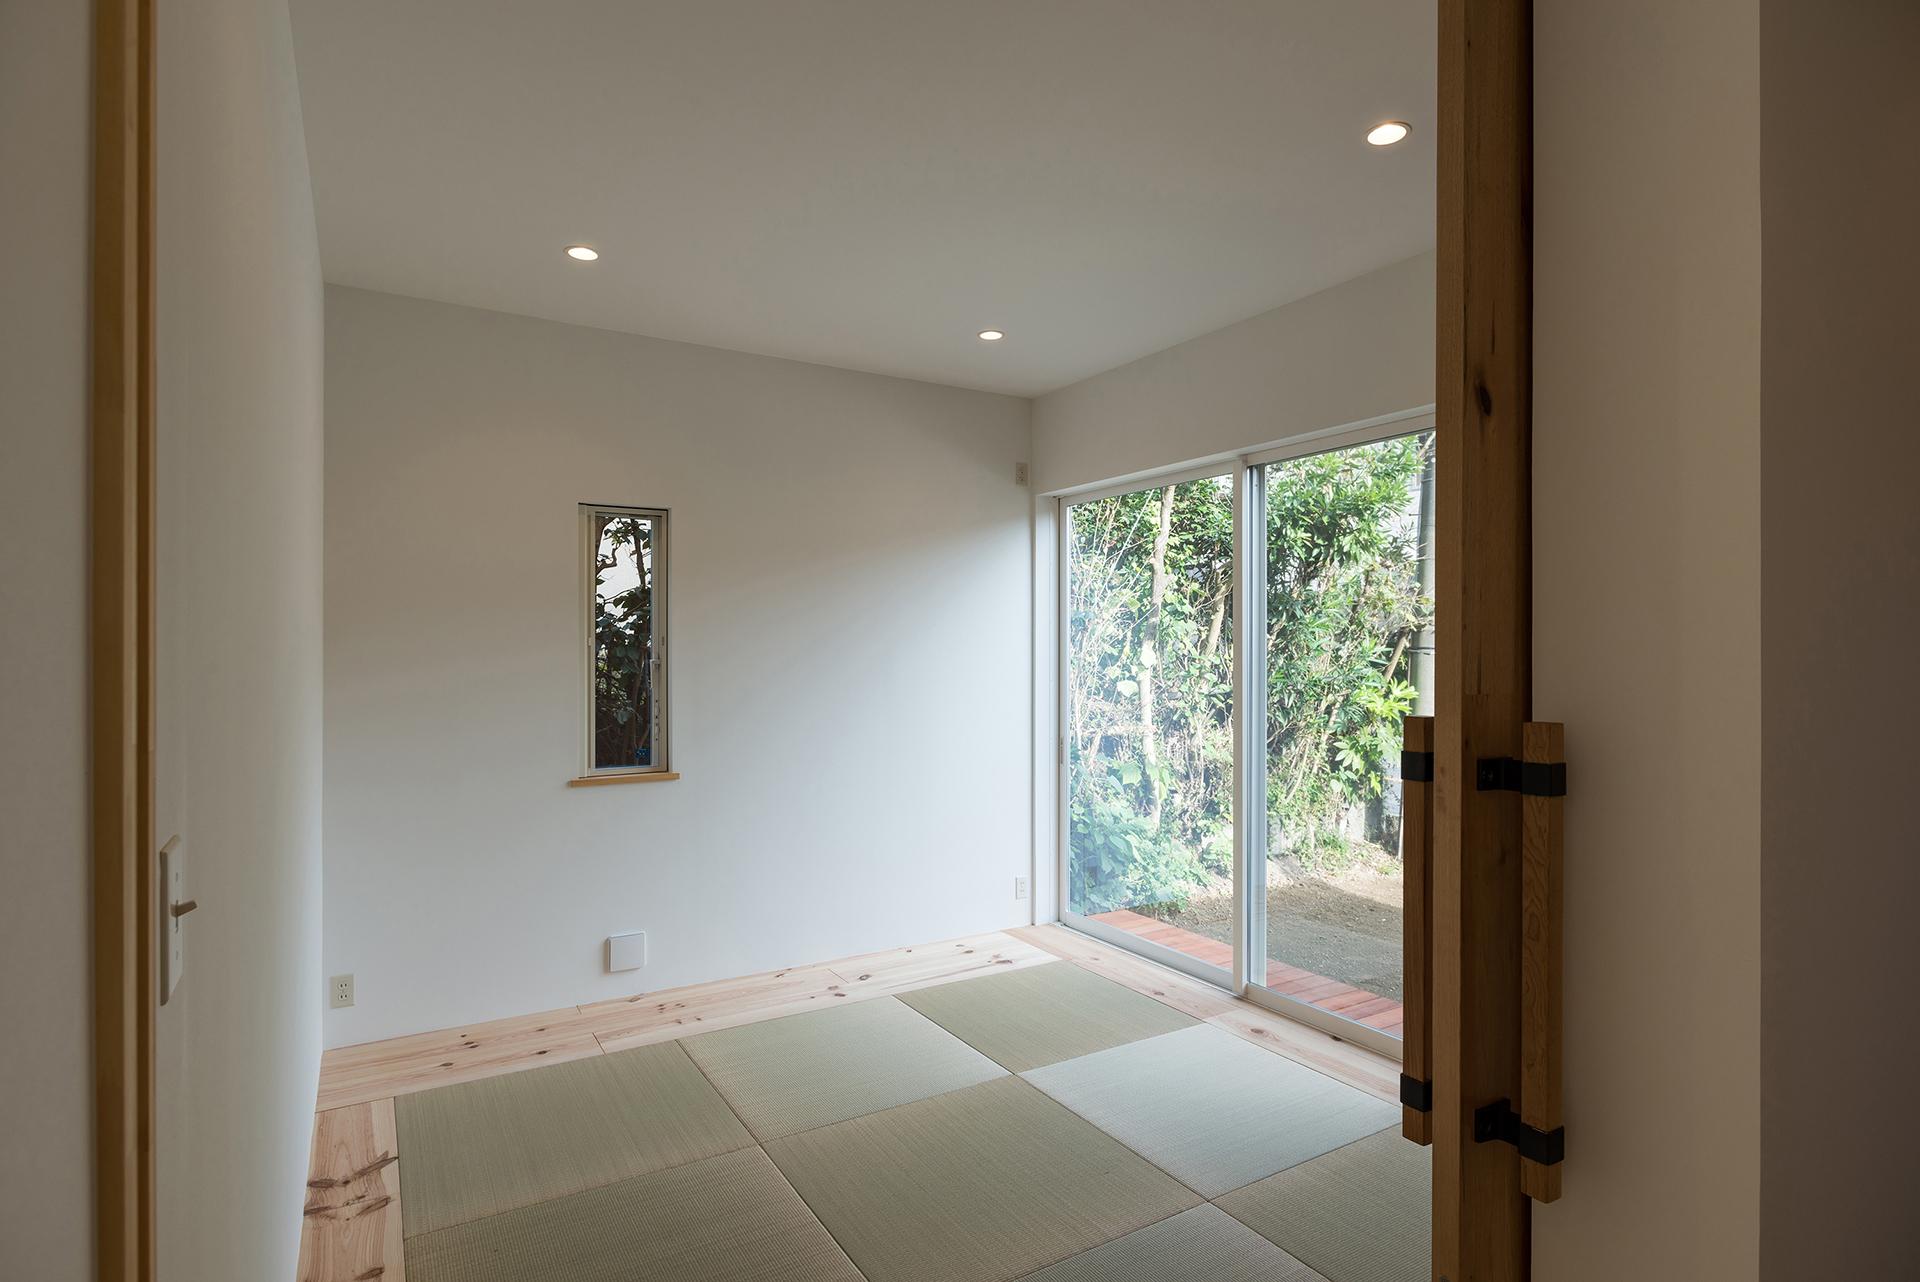 木と旅を愛する人の家 イメージ01 撮影:東涌宏和